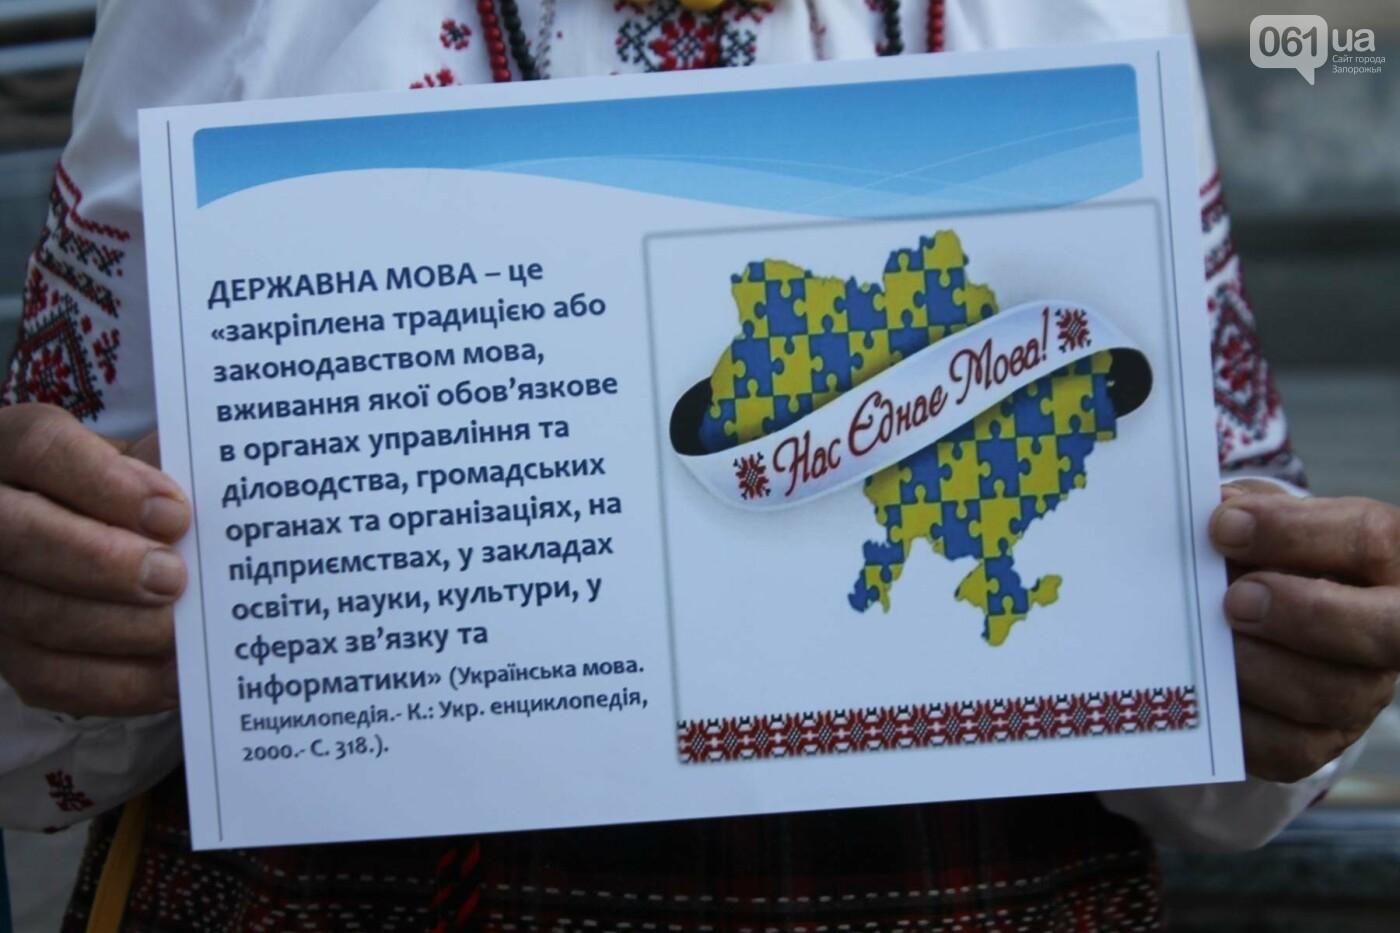 В Запорожье на митинг в защиту украинского языка под мэрию вышли 5 человек, – ФОТОРЕПОРТАЖ, фото-4